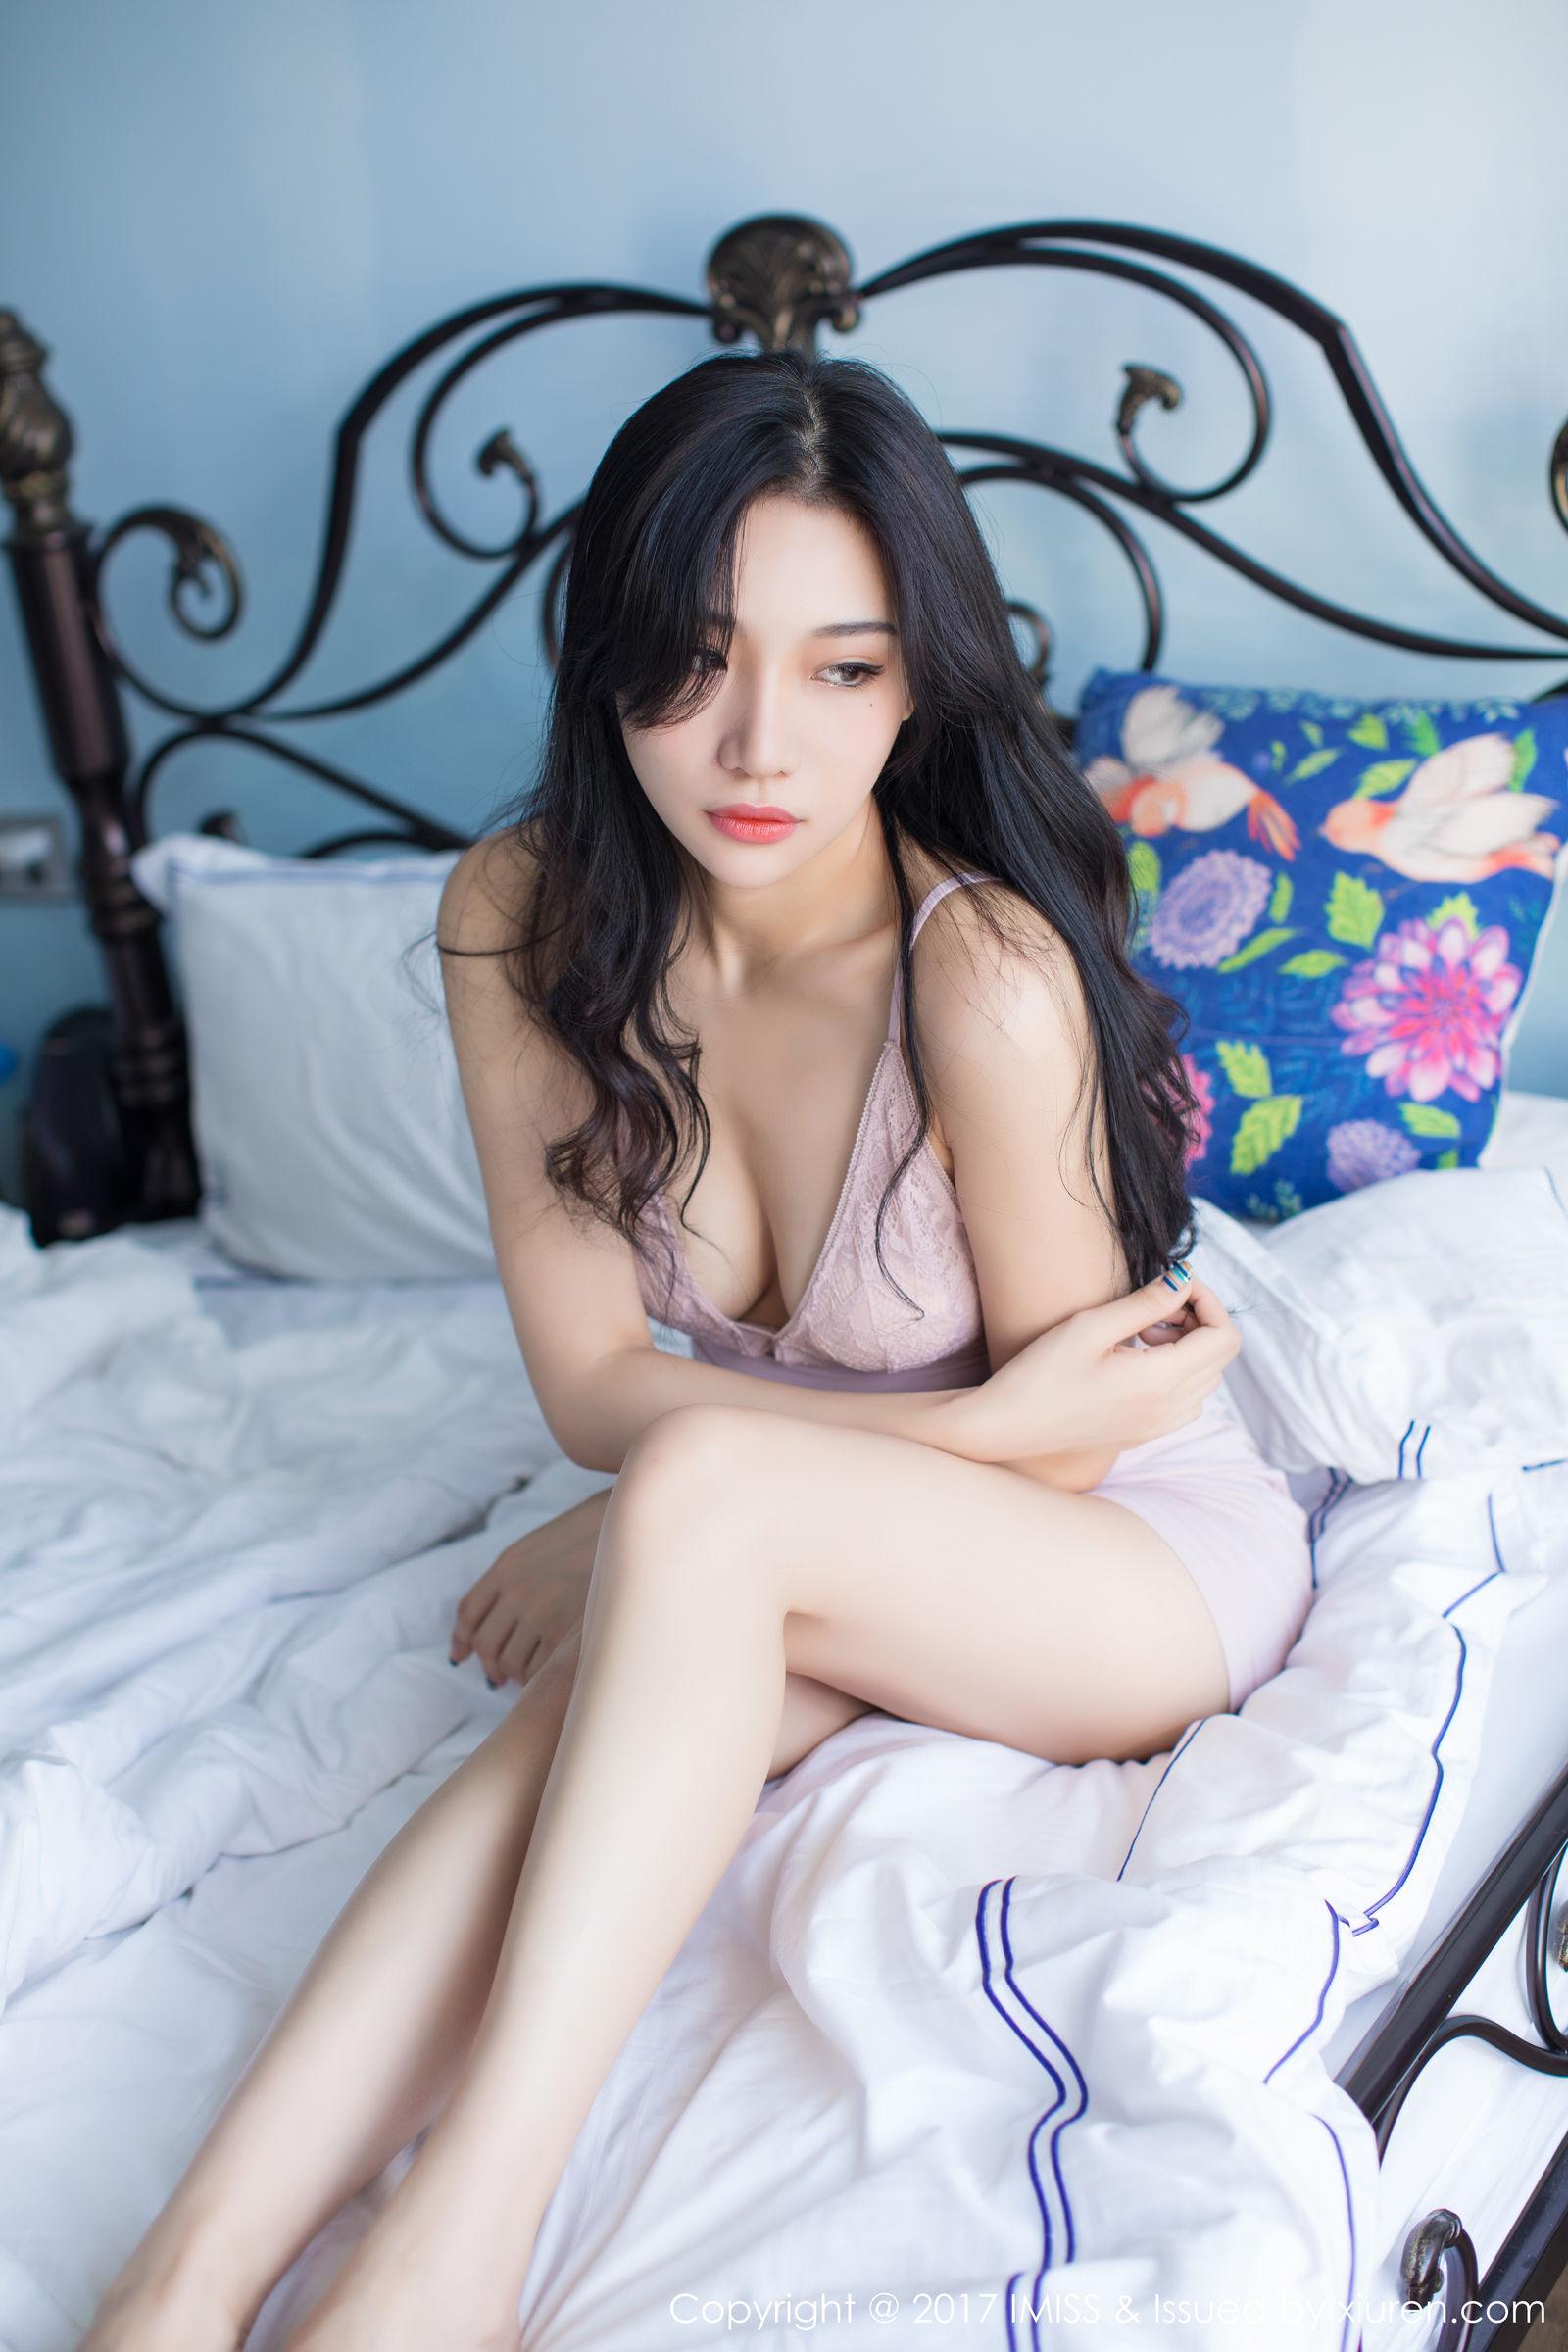 性感小狐狸Sica - 粉红私房写真套图